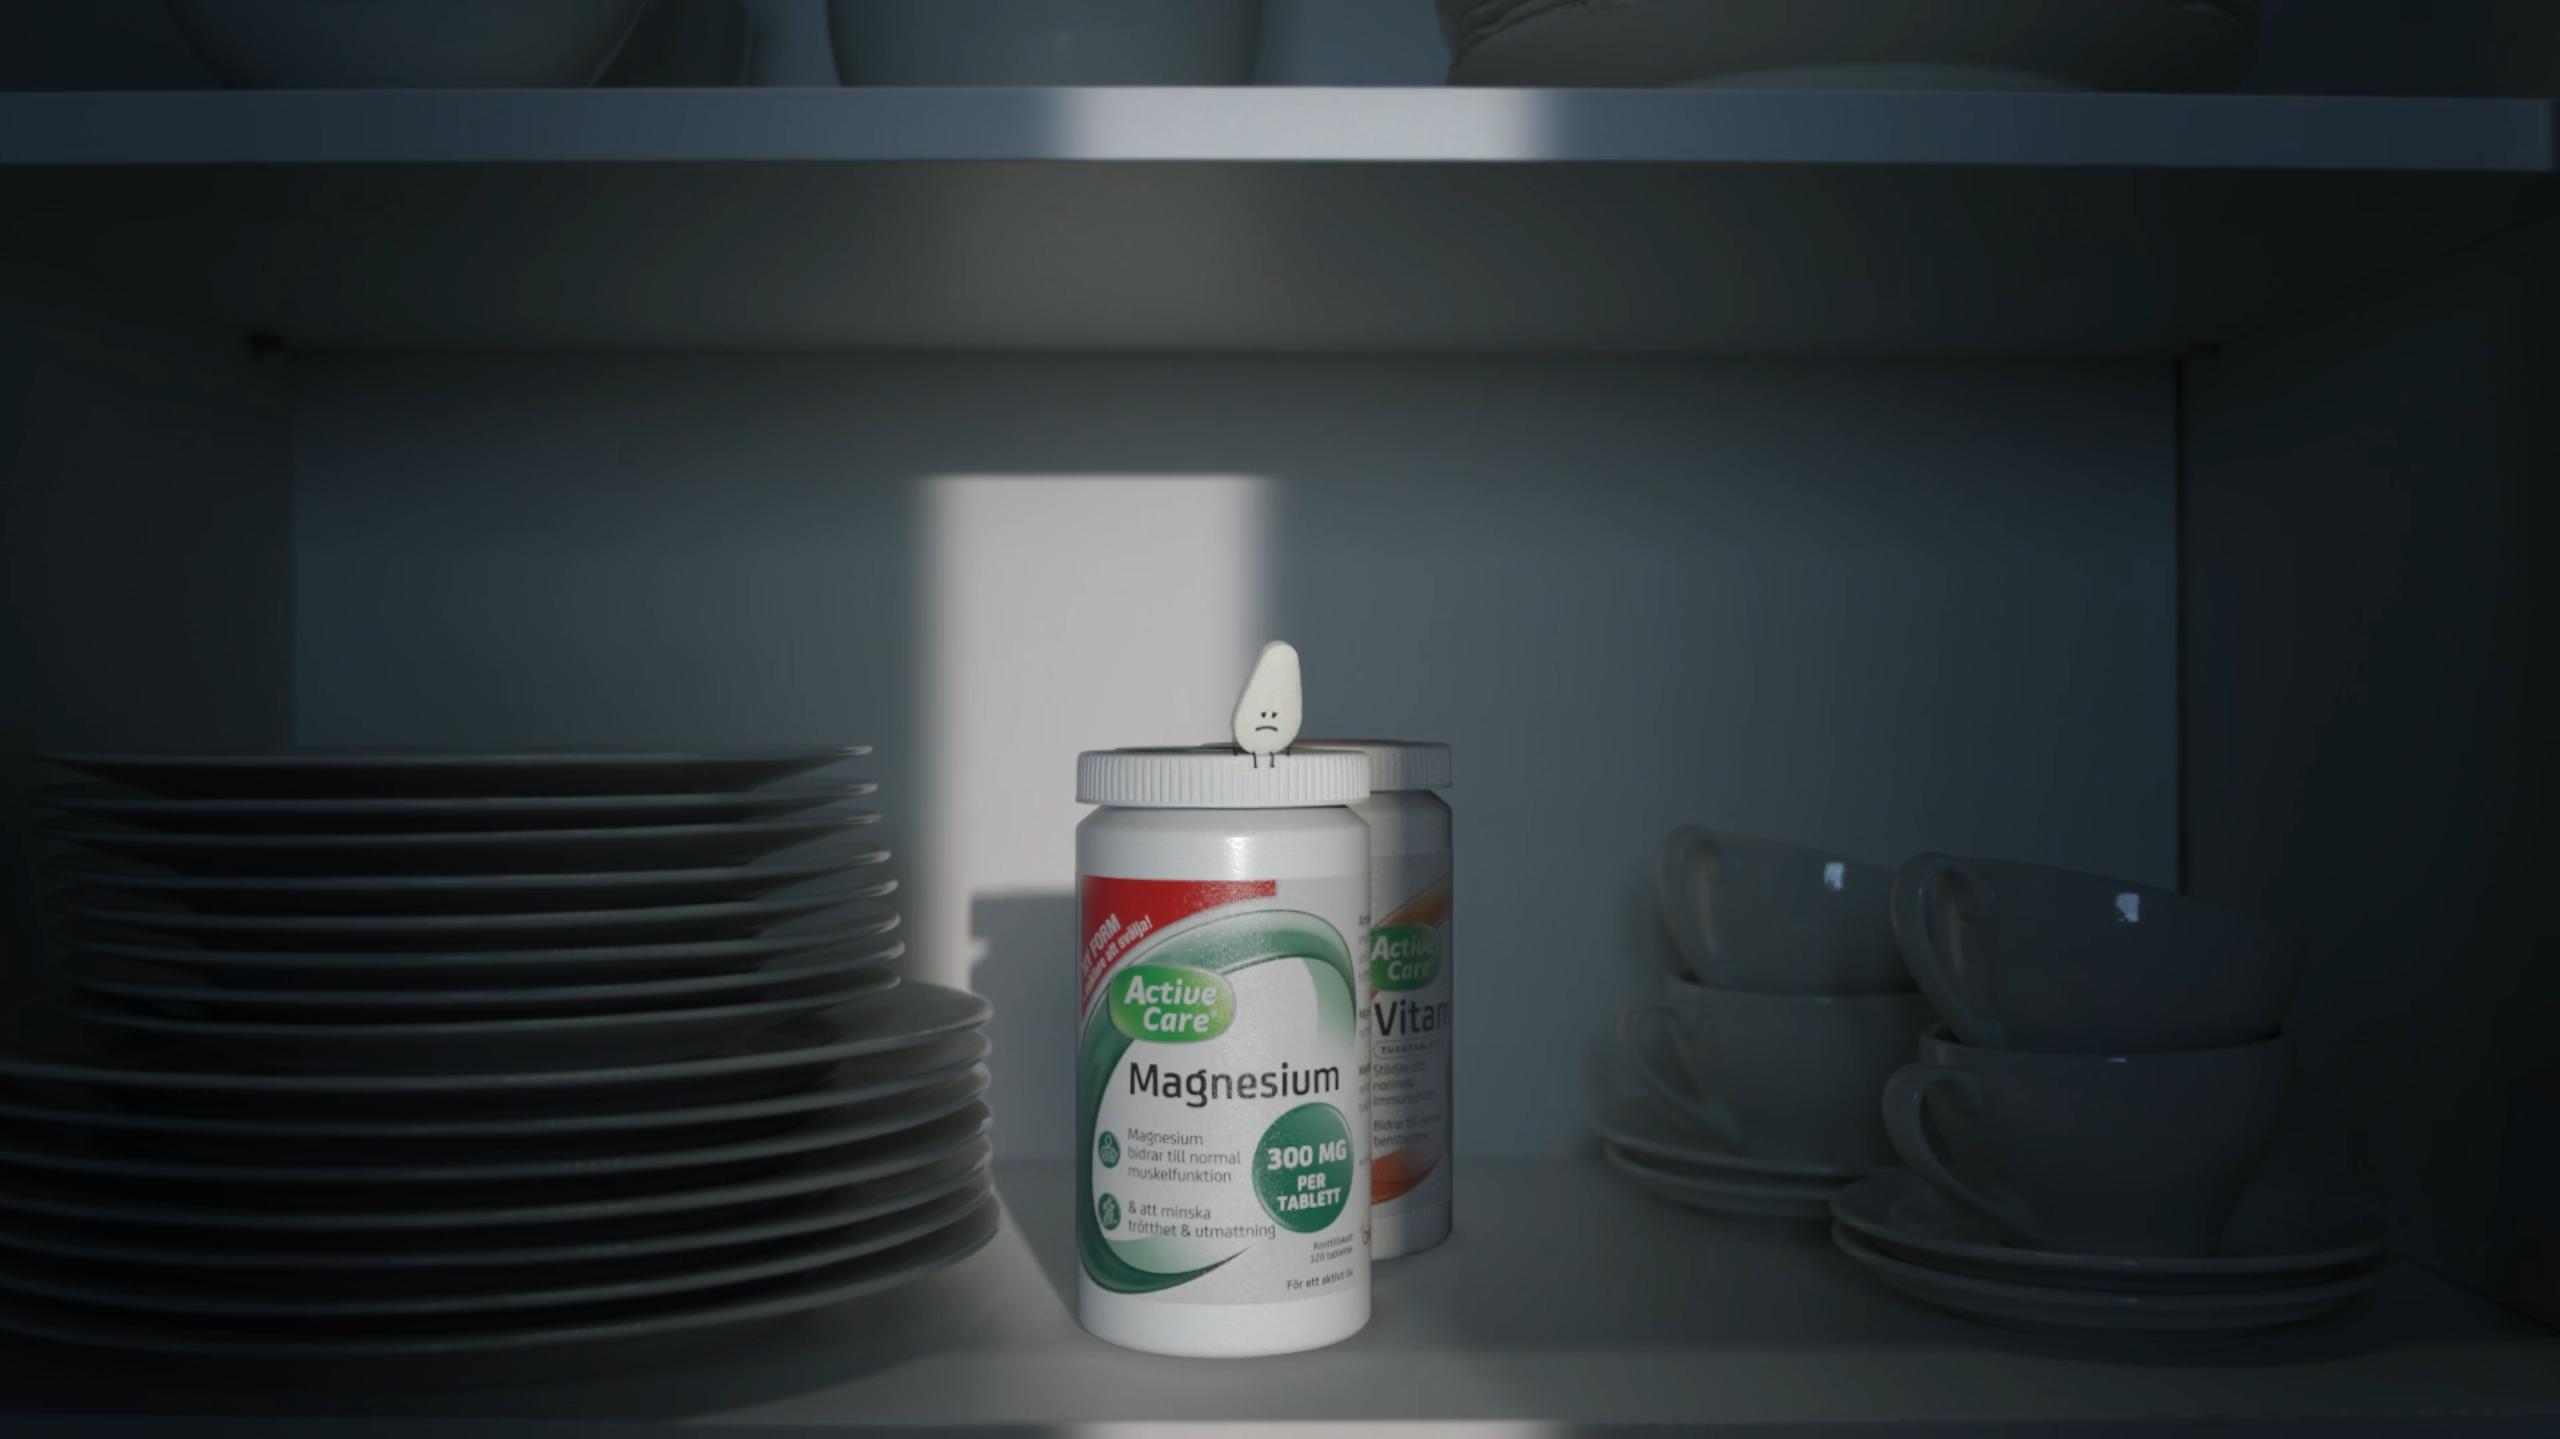 3d animasjon av orkla magnesium karakter sitter oppaa kapselboksen inne i kjoekkenskapet og ser trist ut